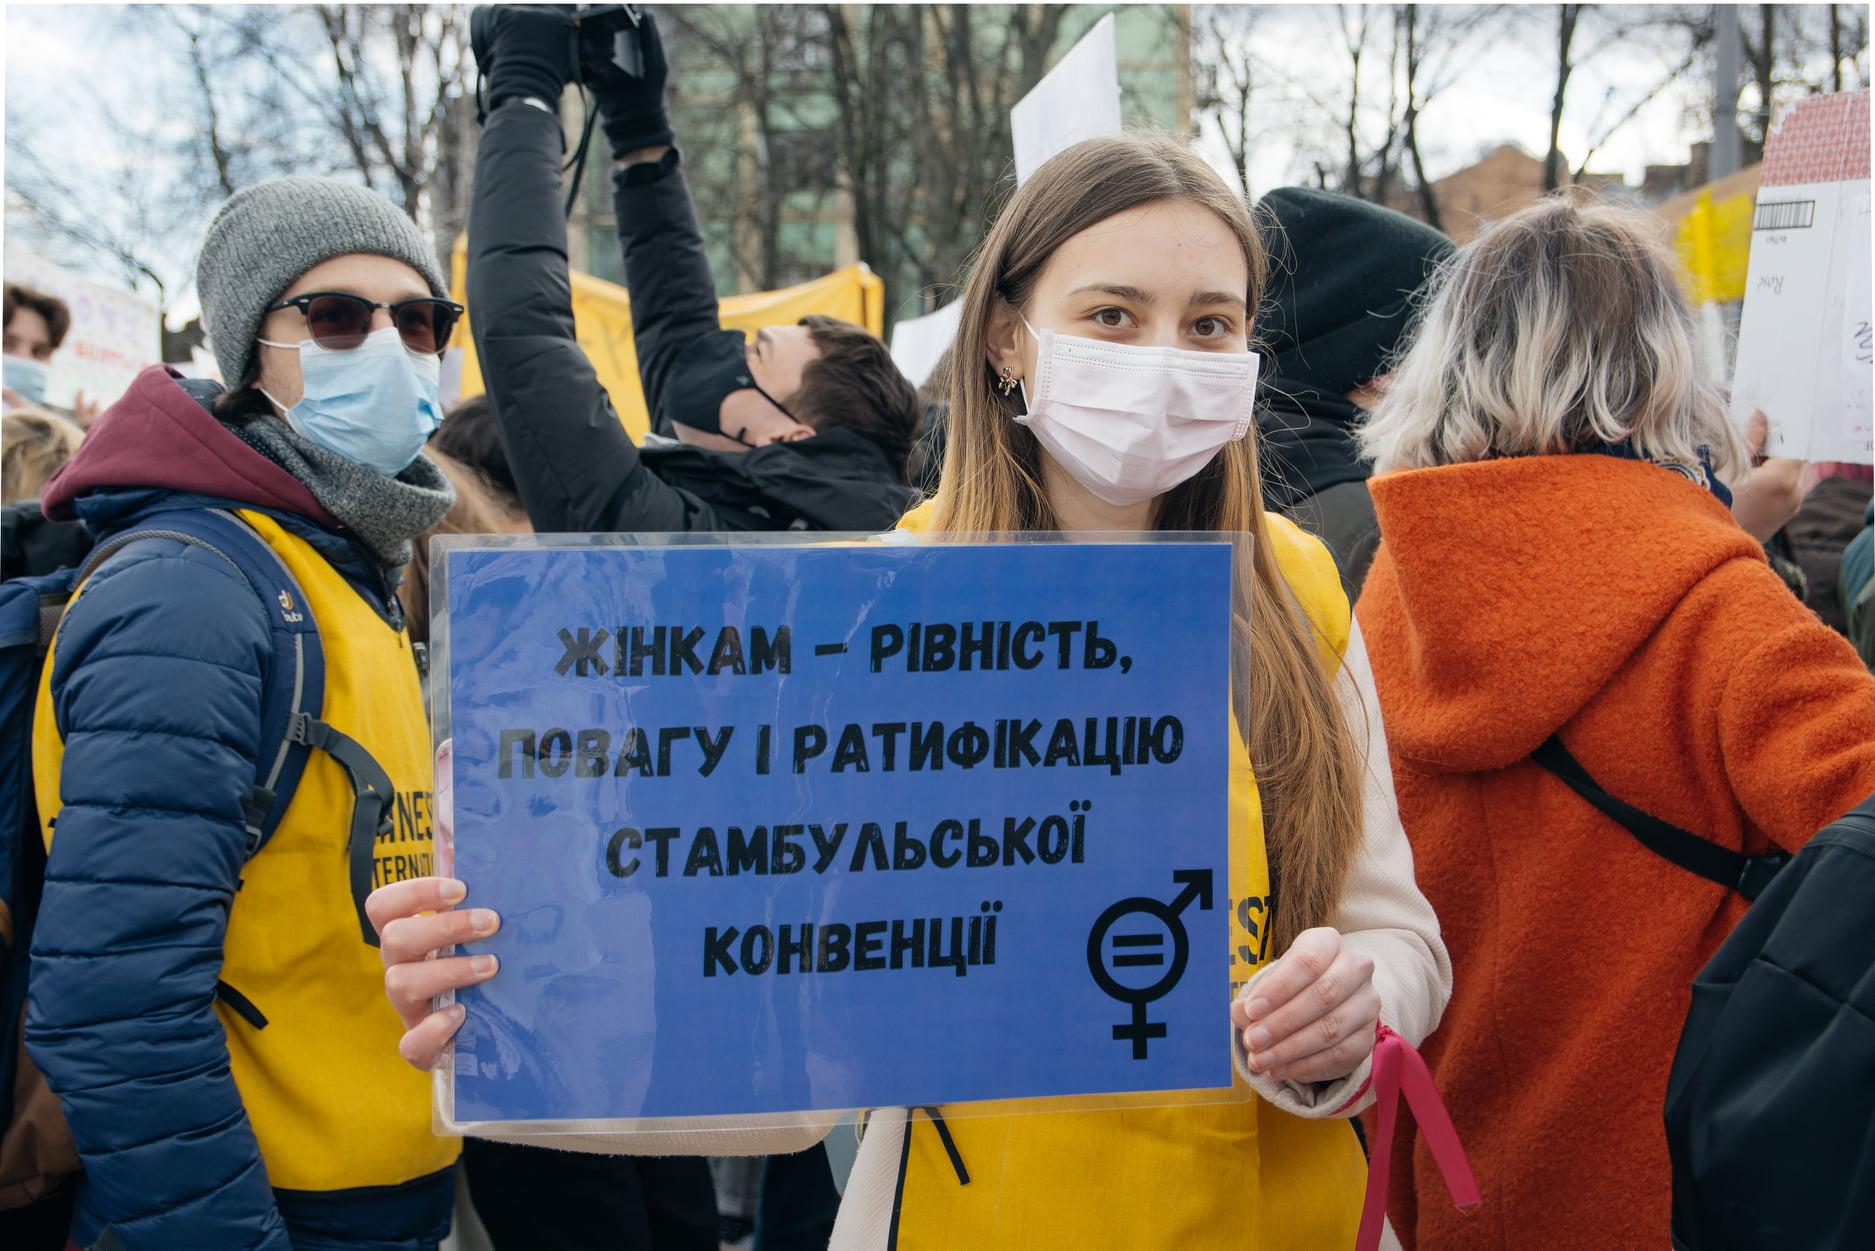 Viktoriia at the 2021 Women's March in Kyiv.